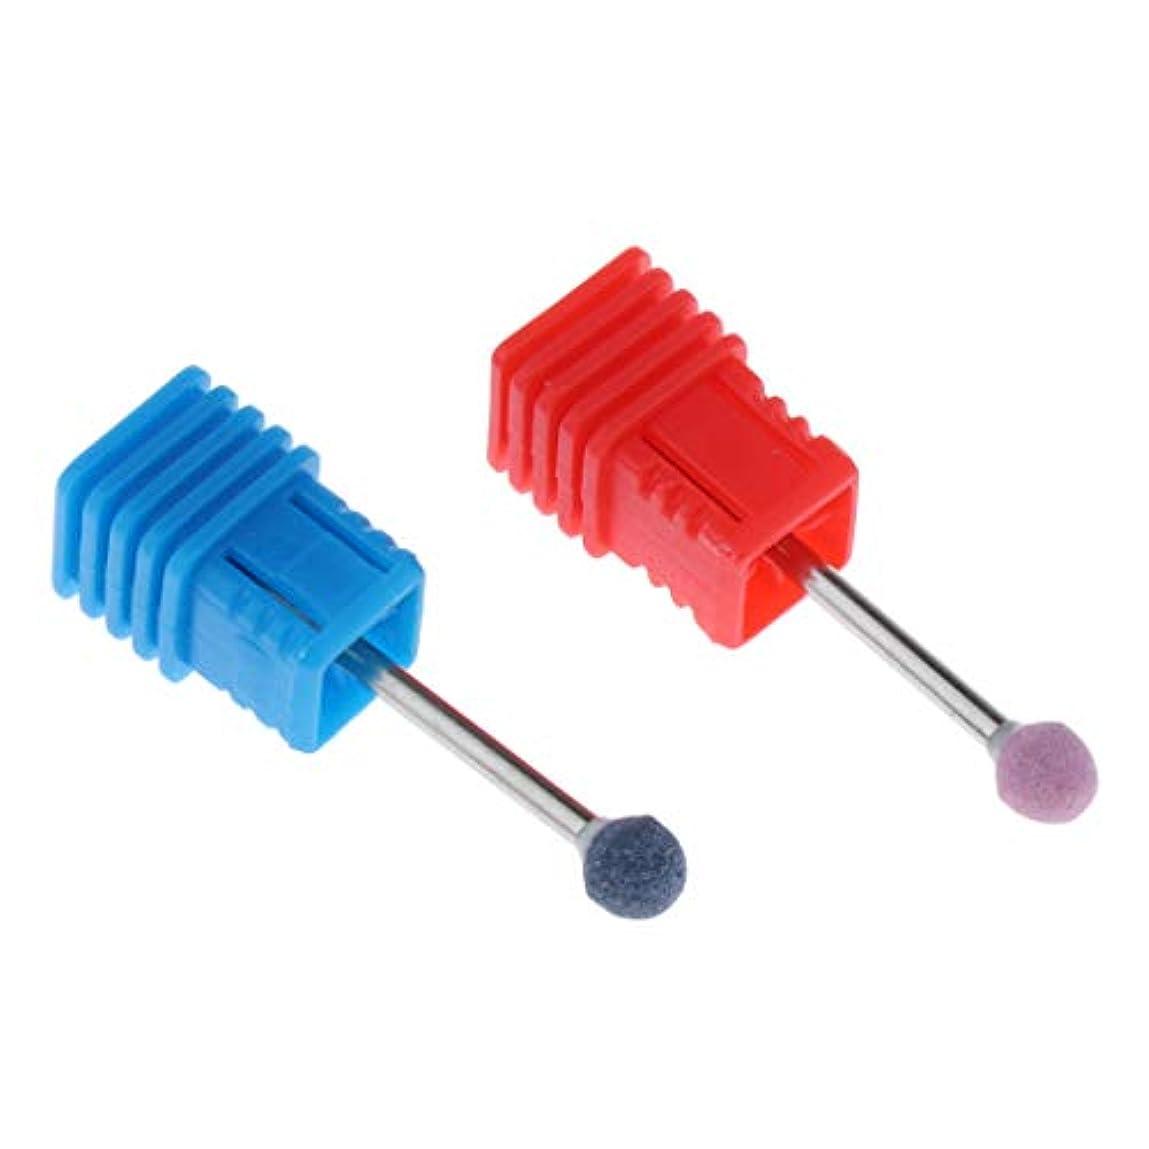 ペリスコープ調整可能プラットフォーム爪 磨き ヘッド 電動研磨ヘッド ネイル グラインド ヘッド アクリルネイル用ツール 2個 全6カラー - ピンク+ブルー